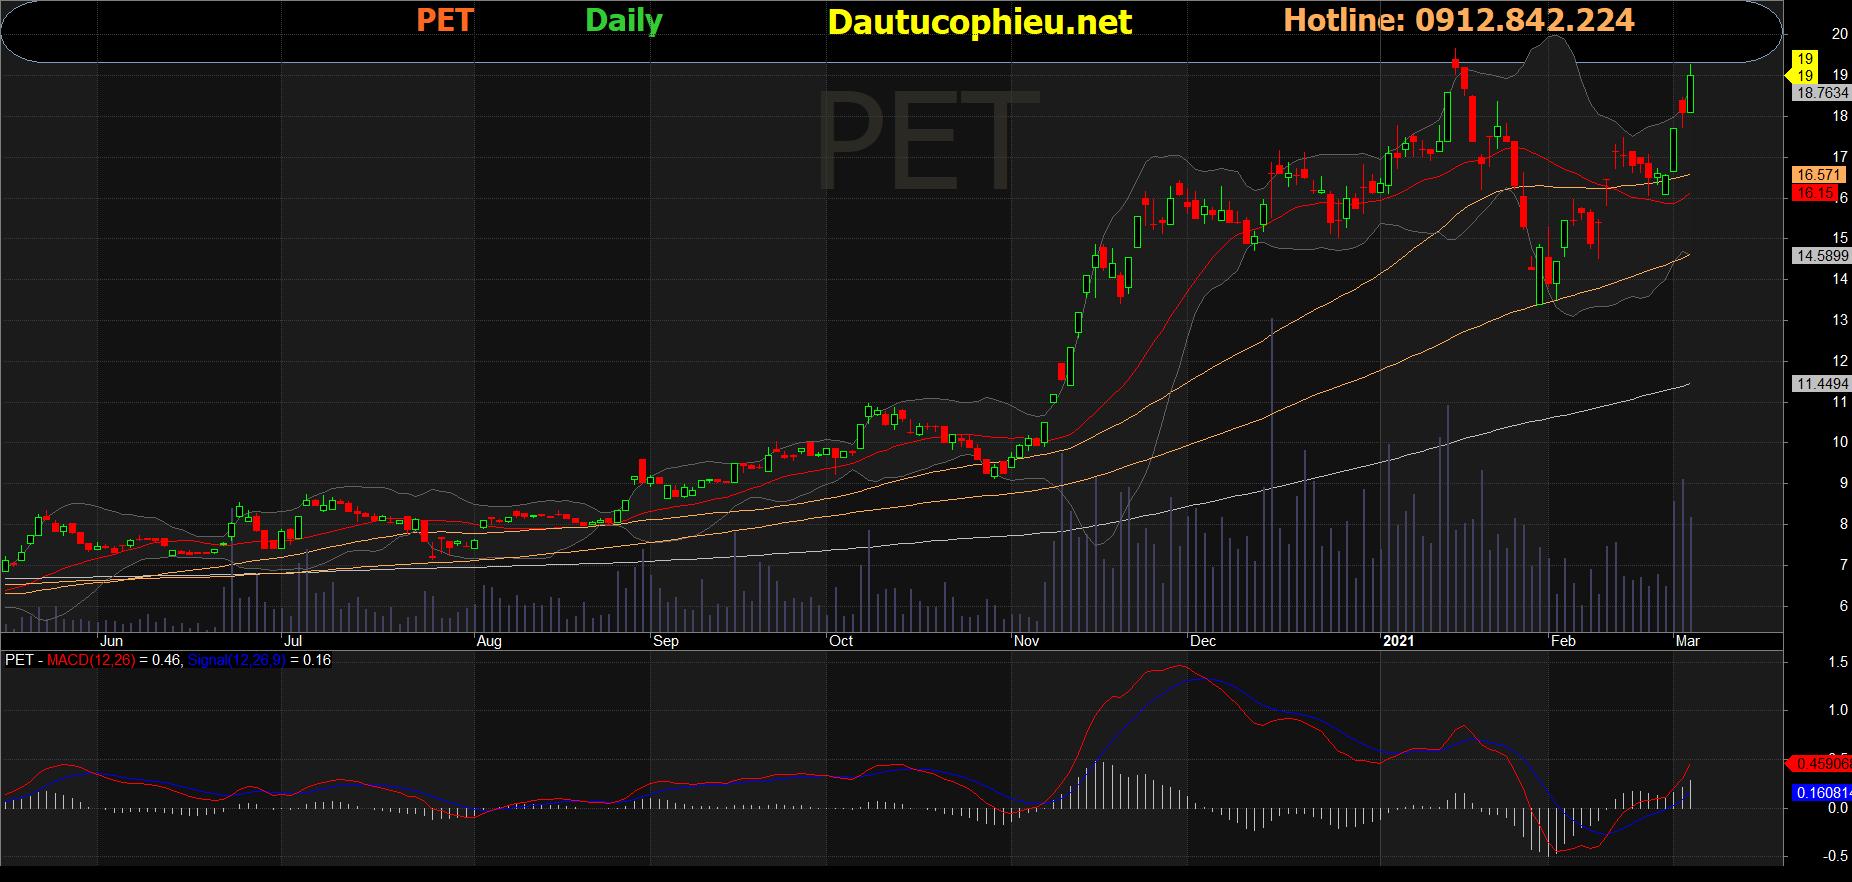 Cổ phiếu PET